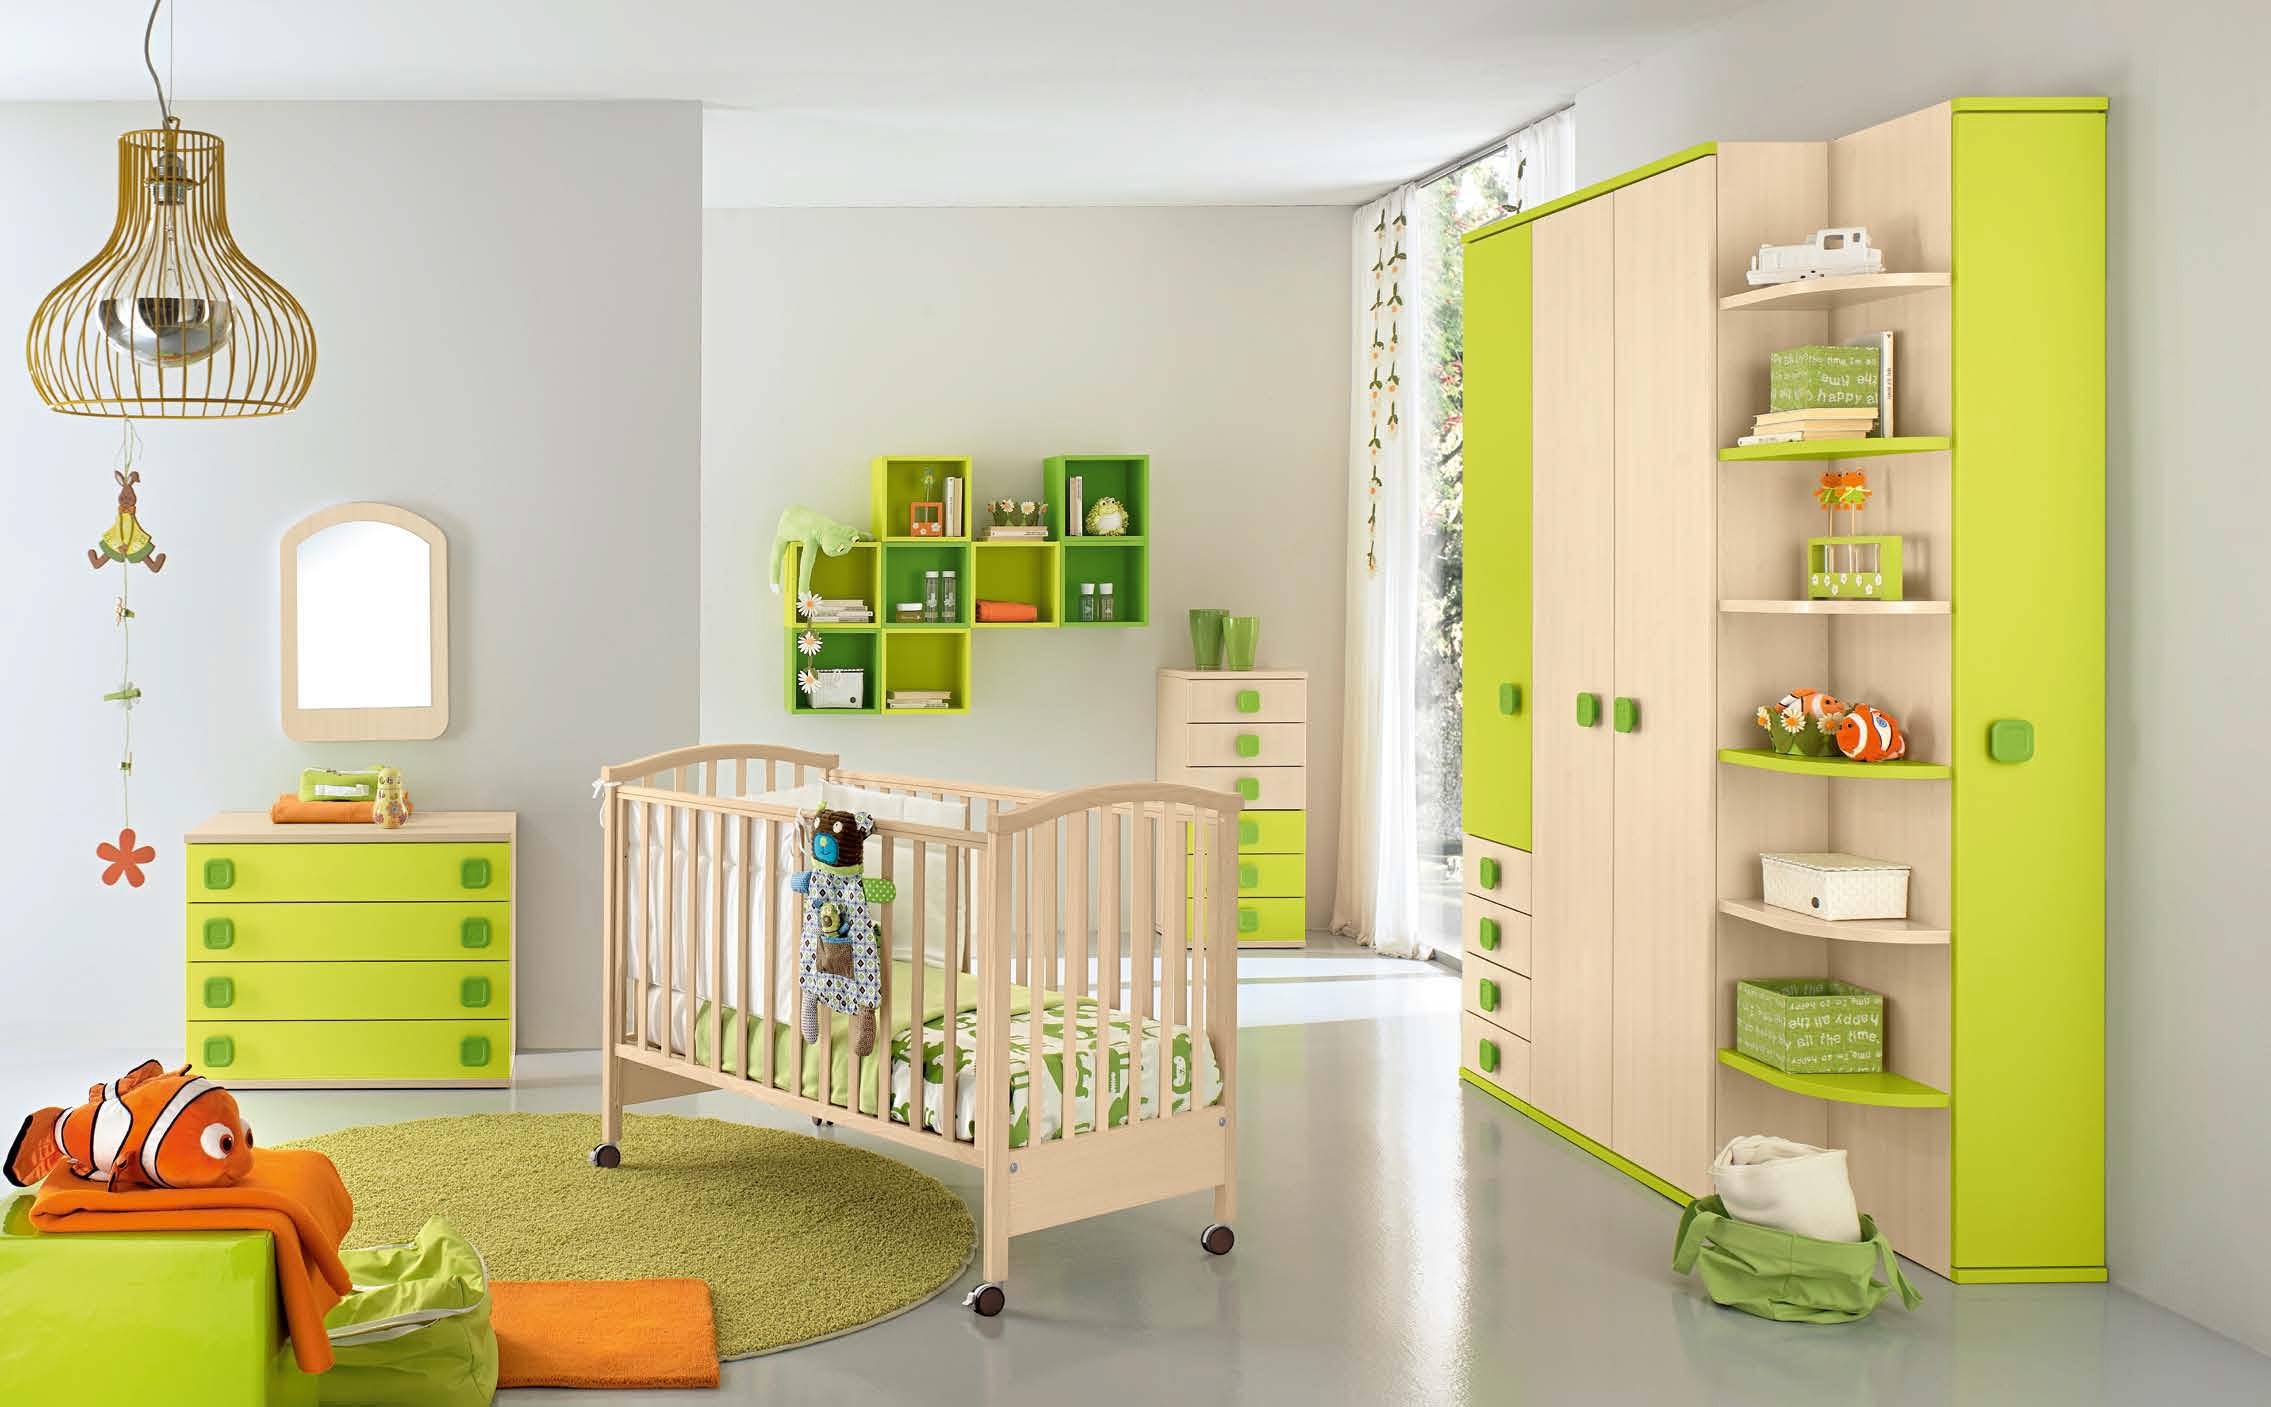 Stanze Per Bambini Colombini: Casa design camerette a ponte per ...